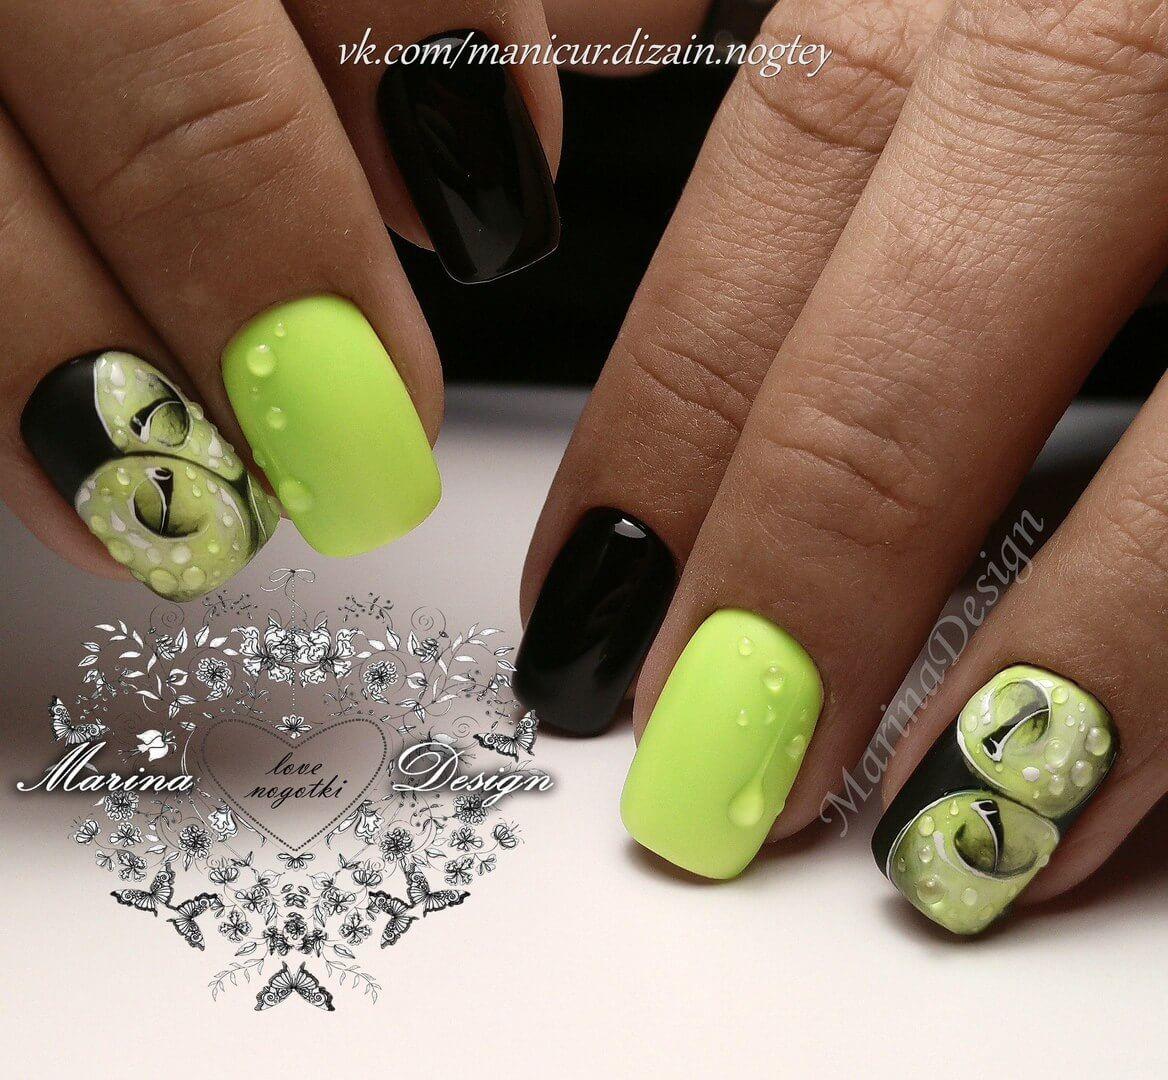 Дизайн ногтей с рисунком - фото идей дизайна ногтей - Best Маникюр 73